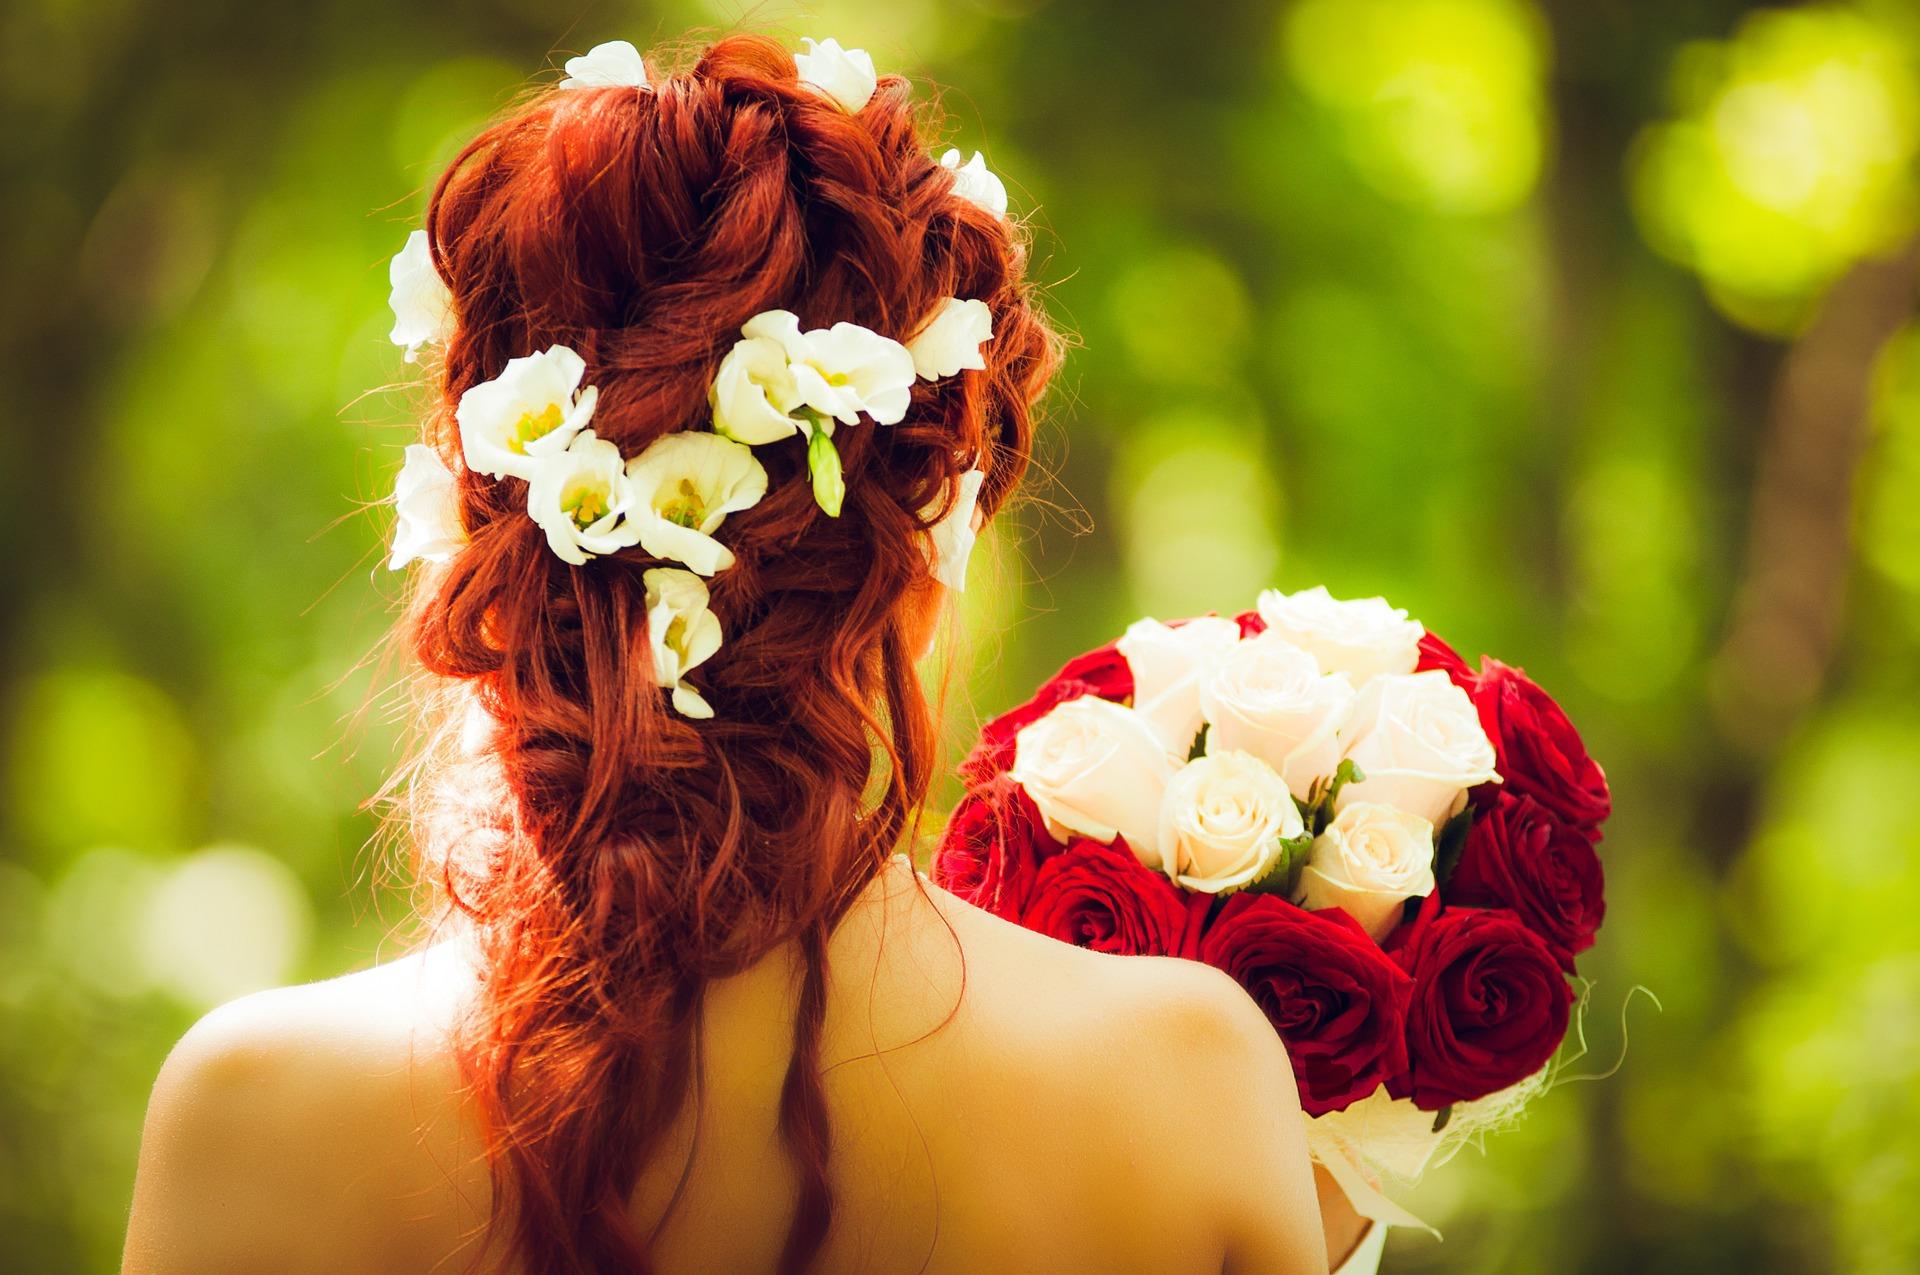 Planifier son mariage:à quoi dois-je penser avant le jour J? 2